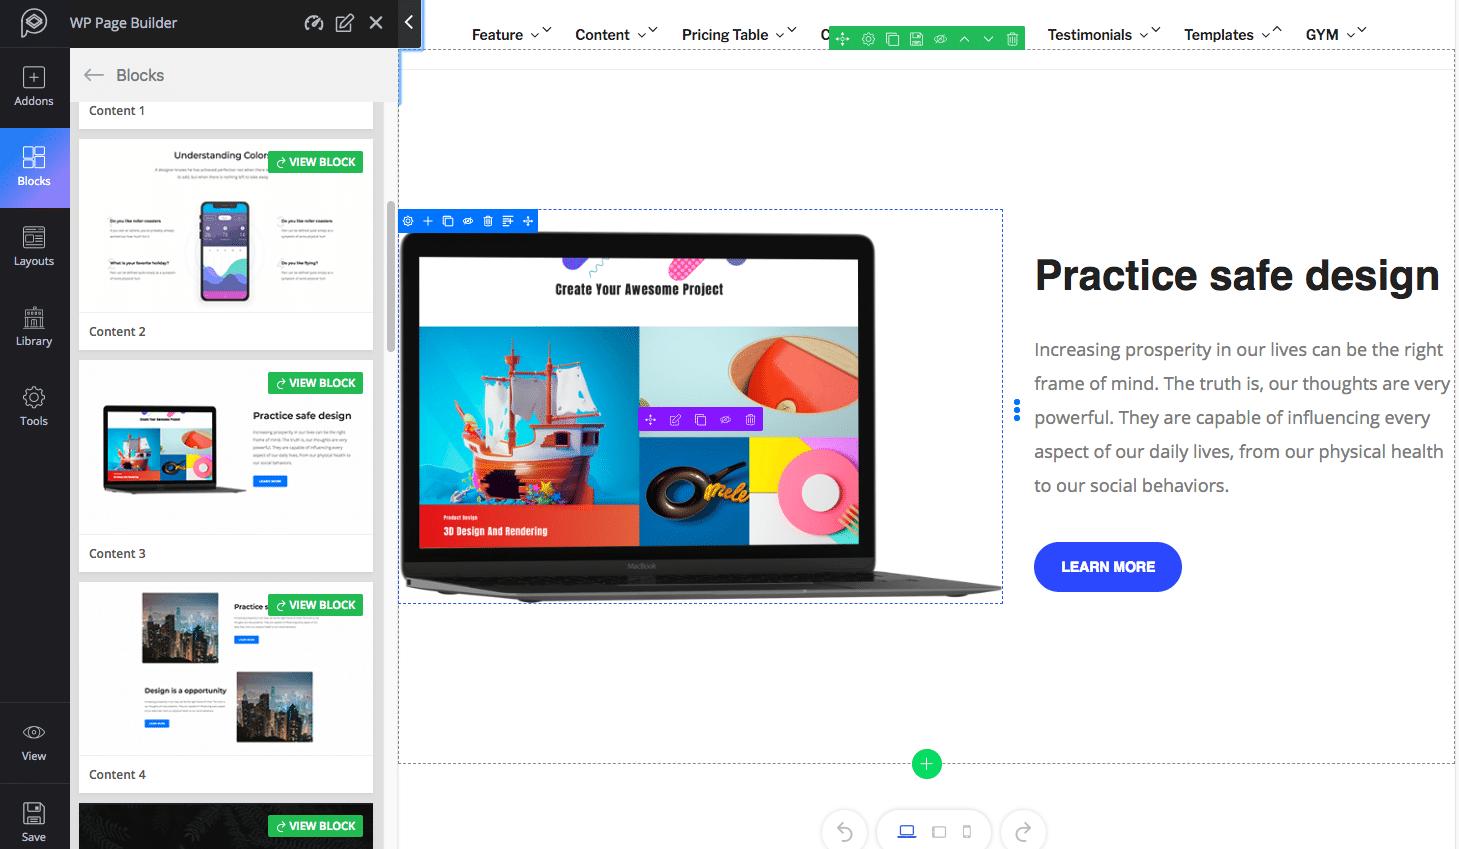 Bloco de conteúdo do WP Page Builder